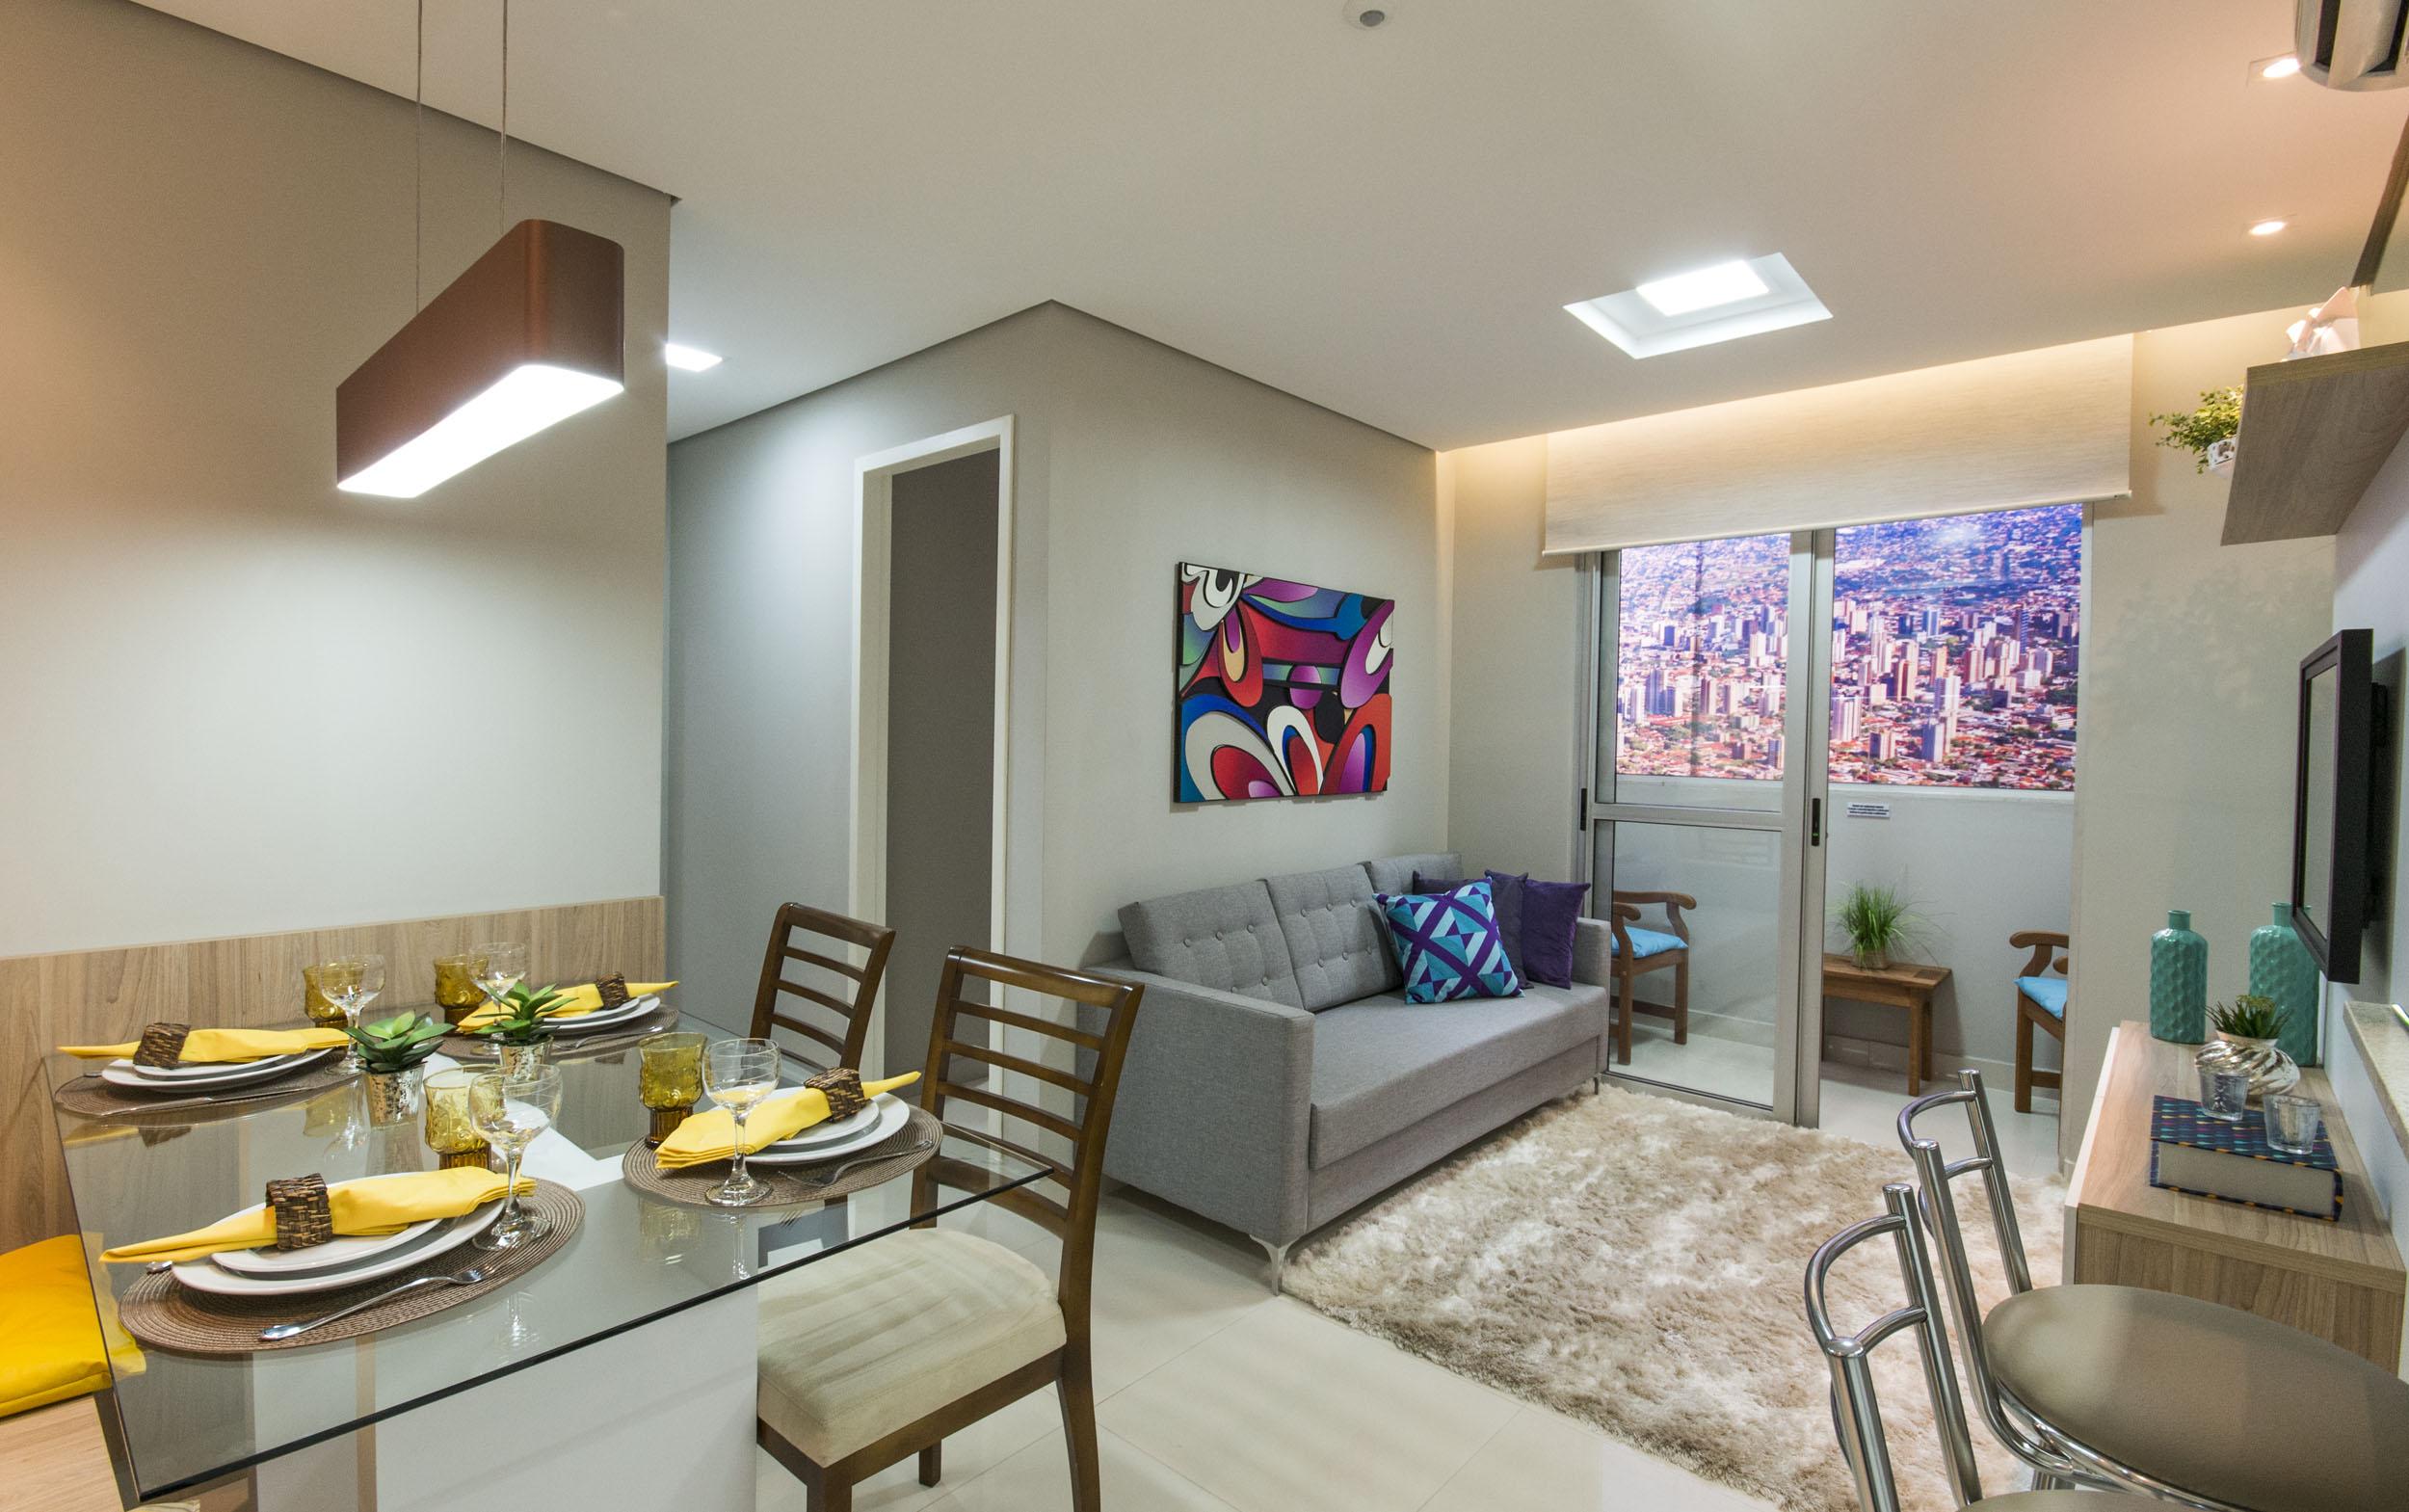 Decora O De Apartamento 60 Ideias Com Fotos E Projetos